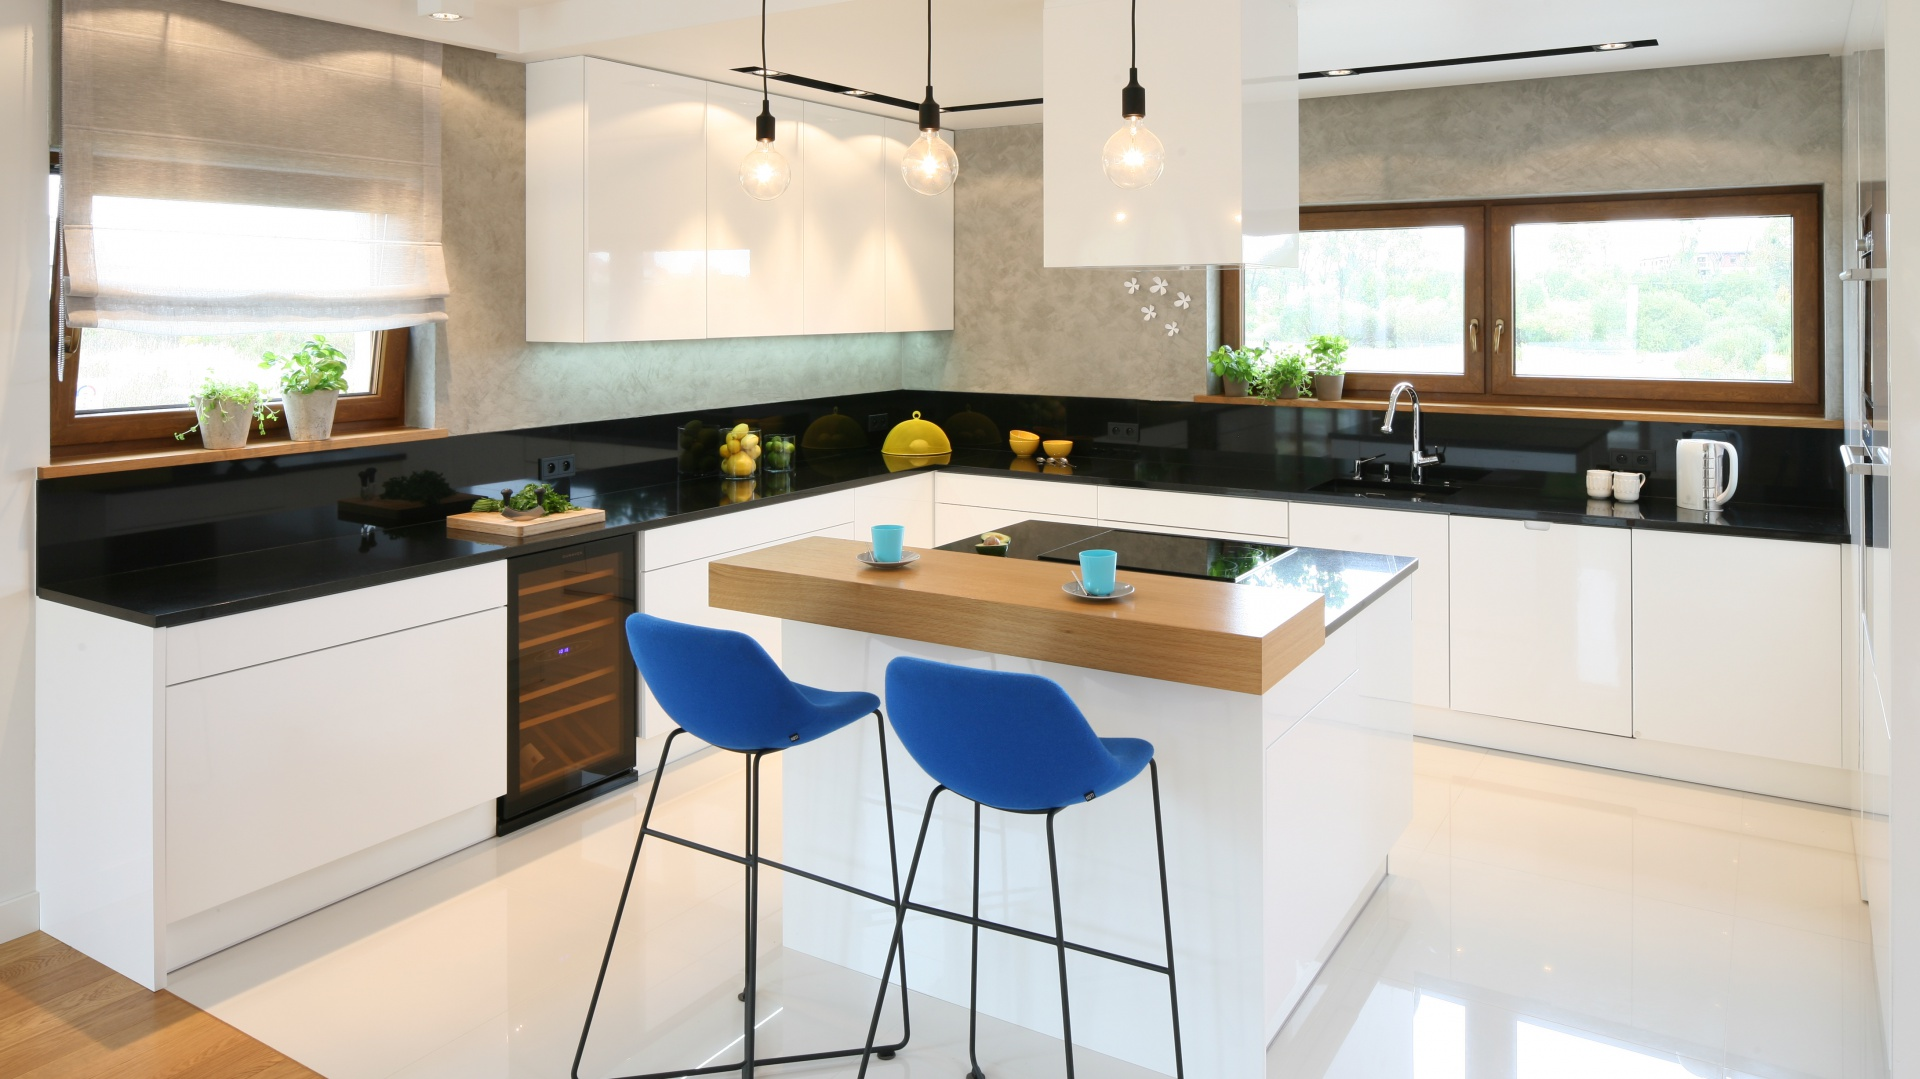 Tynk imitujący beton znalazł się również na ścianie w tej przestronnej białej kuchni. Nadaje on nowoczesnej, połyskującej zabudowie nieco surowy charakter. Projekt: Małgorzata Galewska. Fot. Bartosz Jarosz.